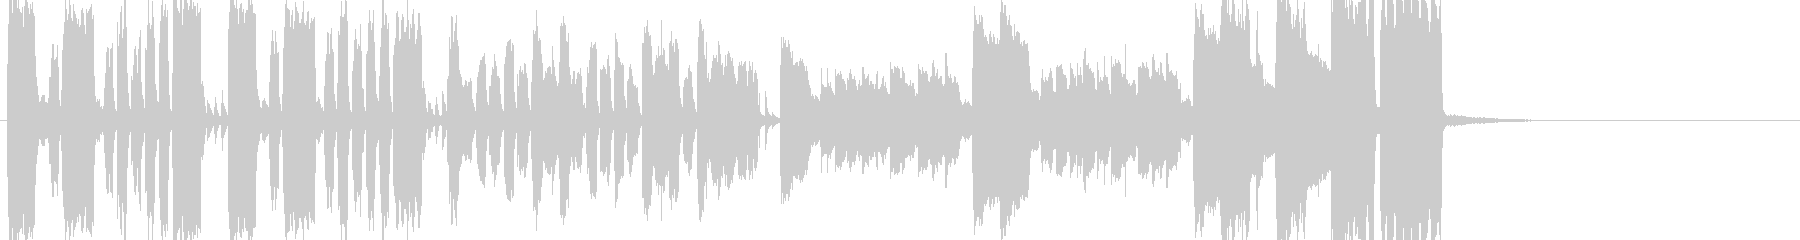 素っ頓狂なアイネクライネナハトムジークの未再生の波形